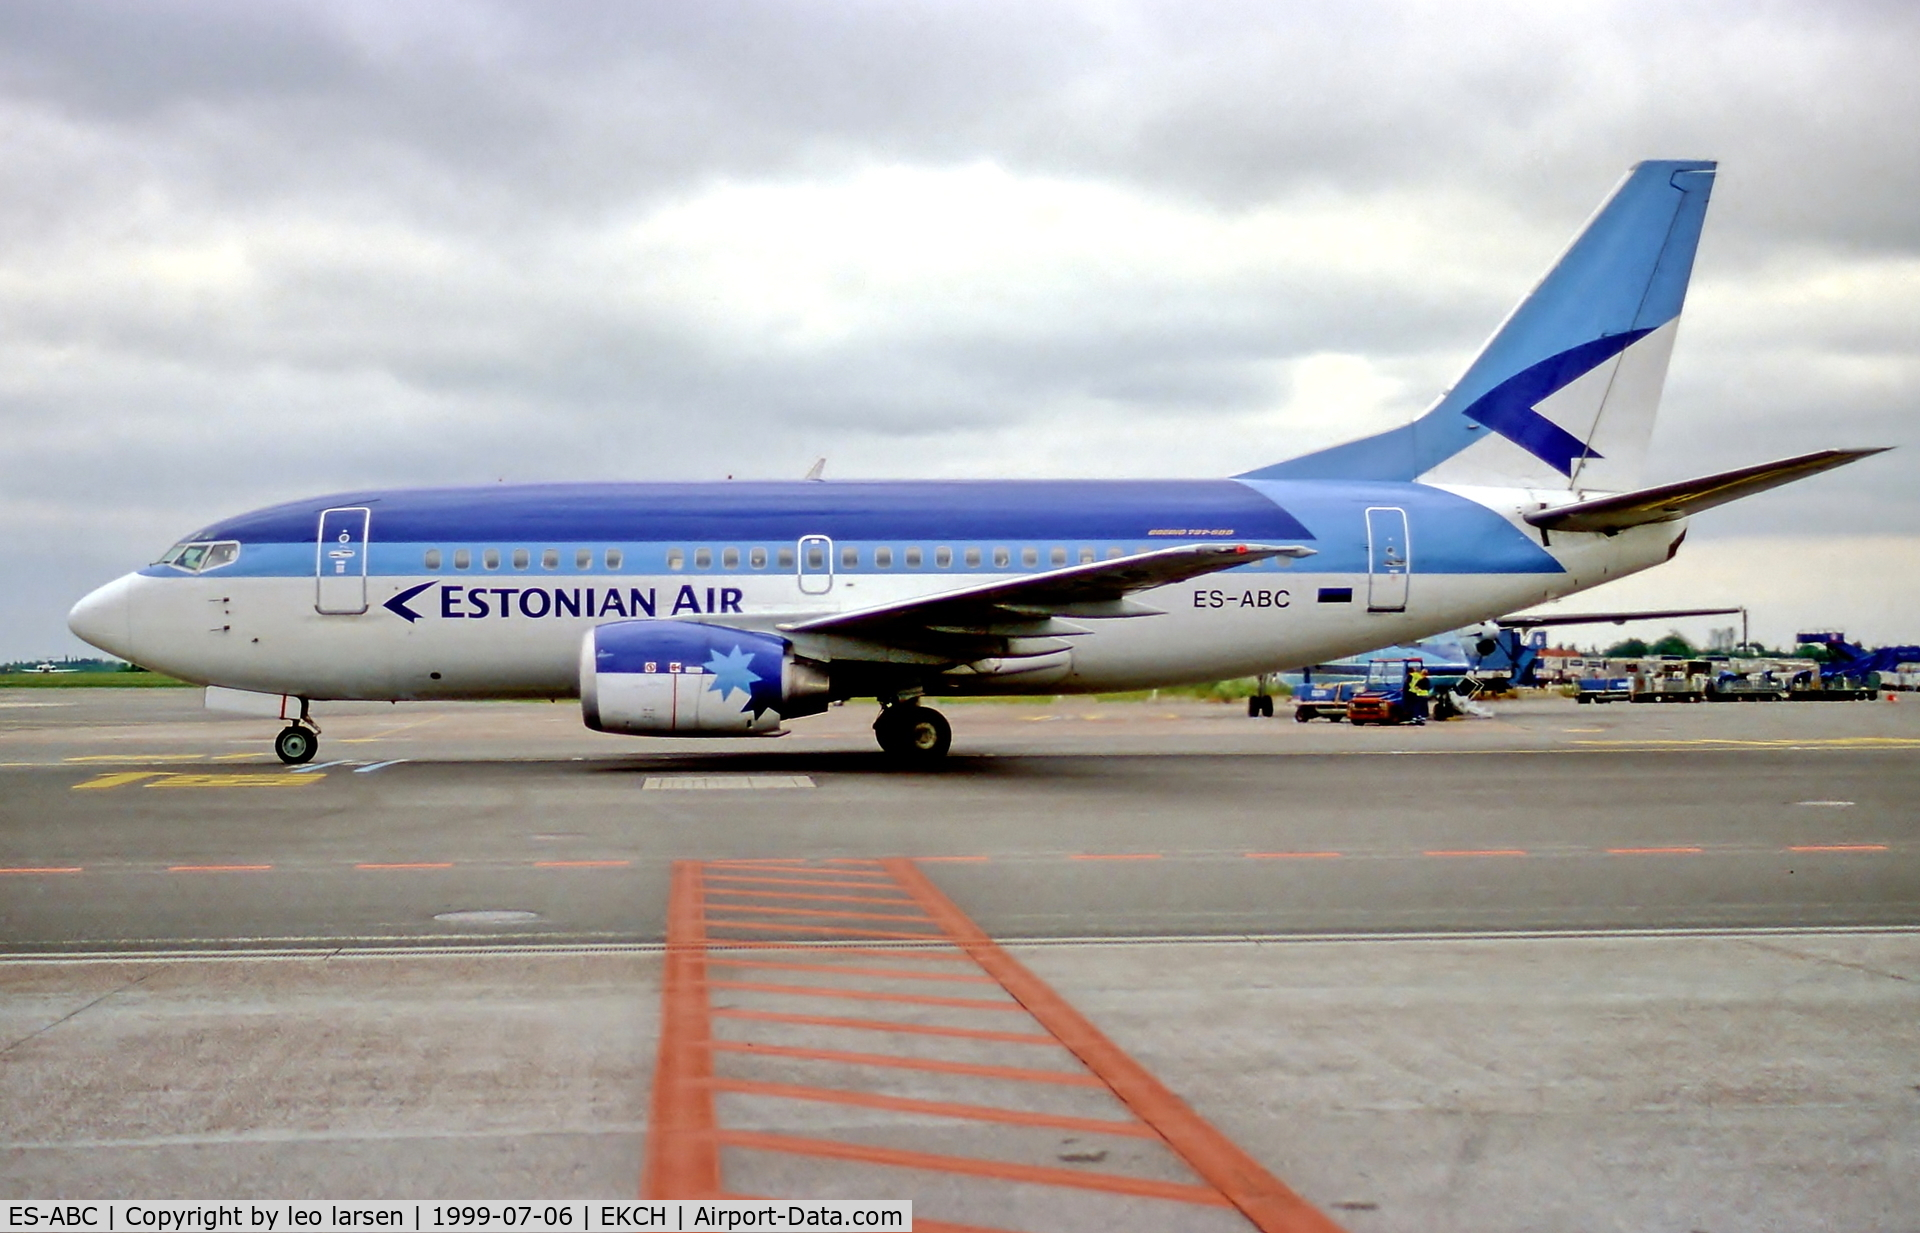 ES-ABC, 1995 Boeing 737-5Q8 C/N 26324, Copenhagen 6.7.99